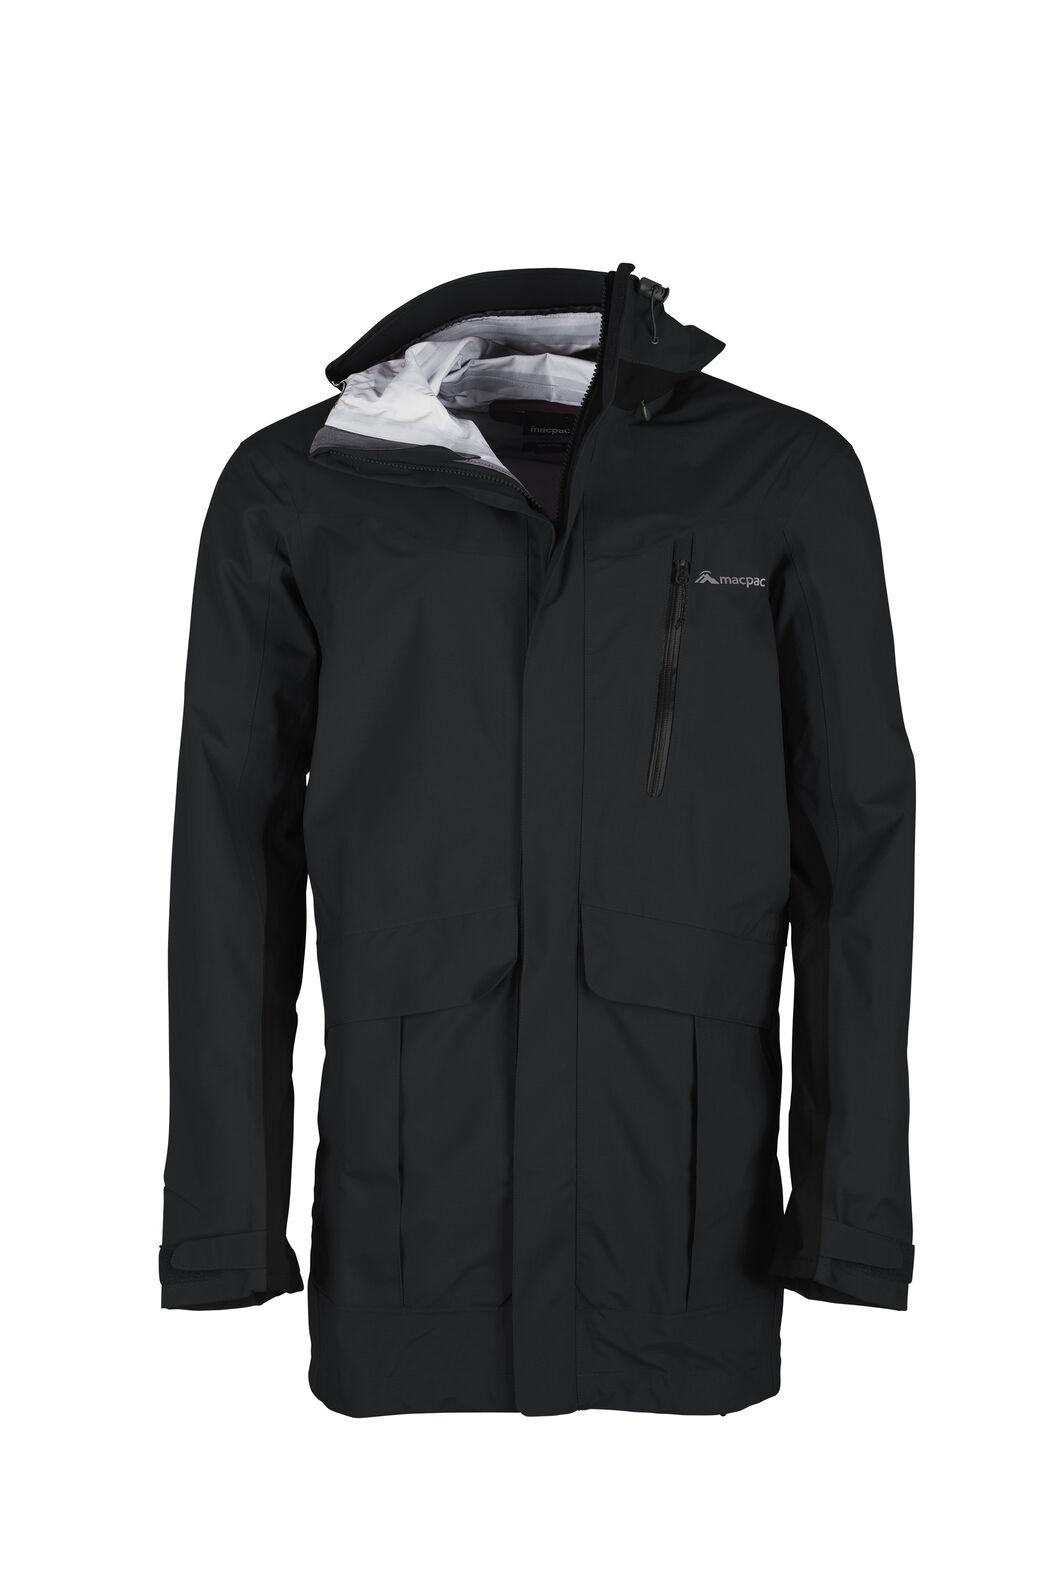 Macpac Copland Long Rain Jacket - Men's, Black, hi-res